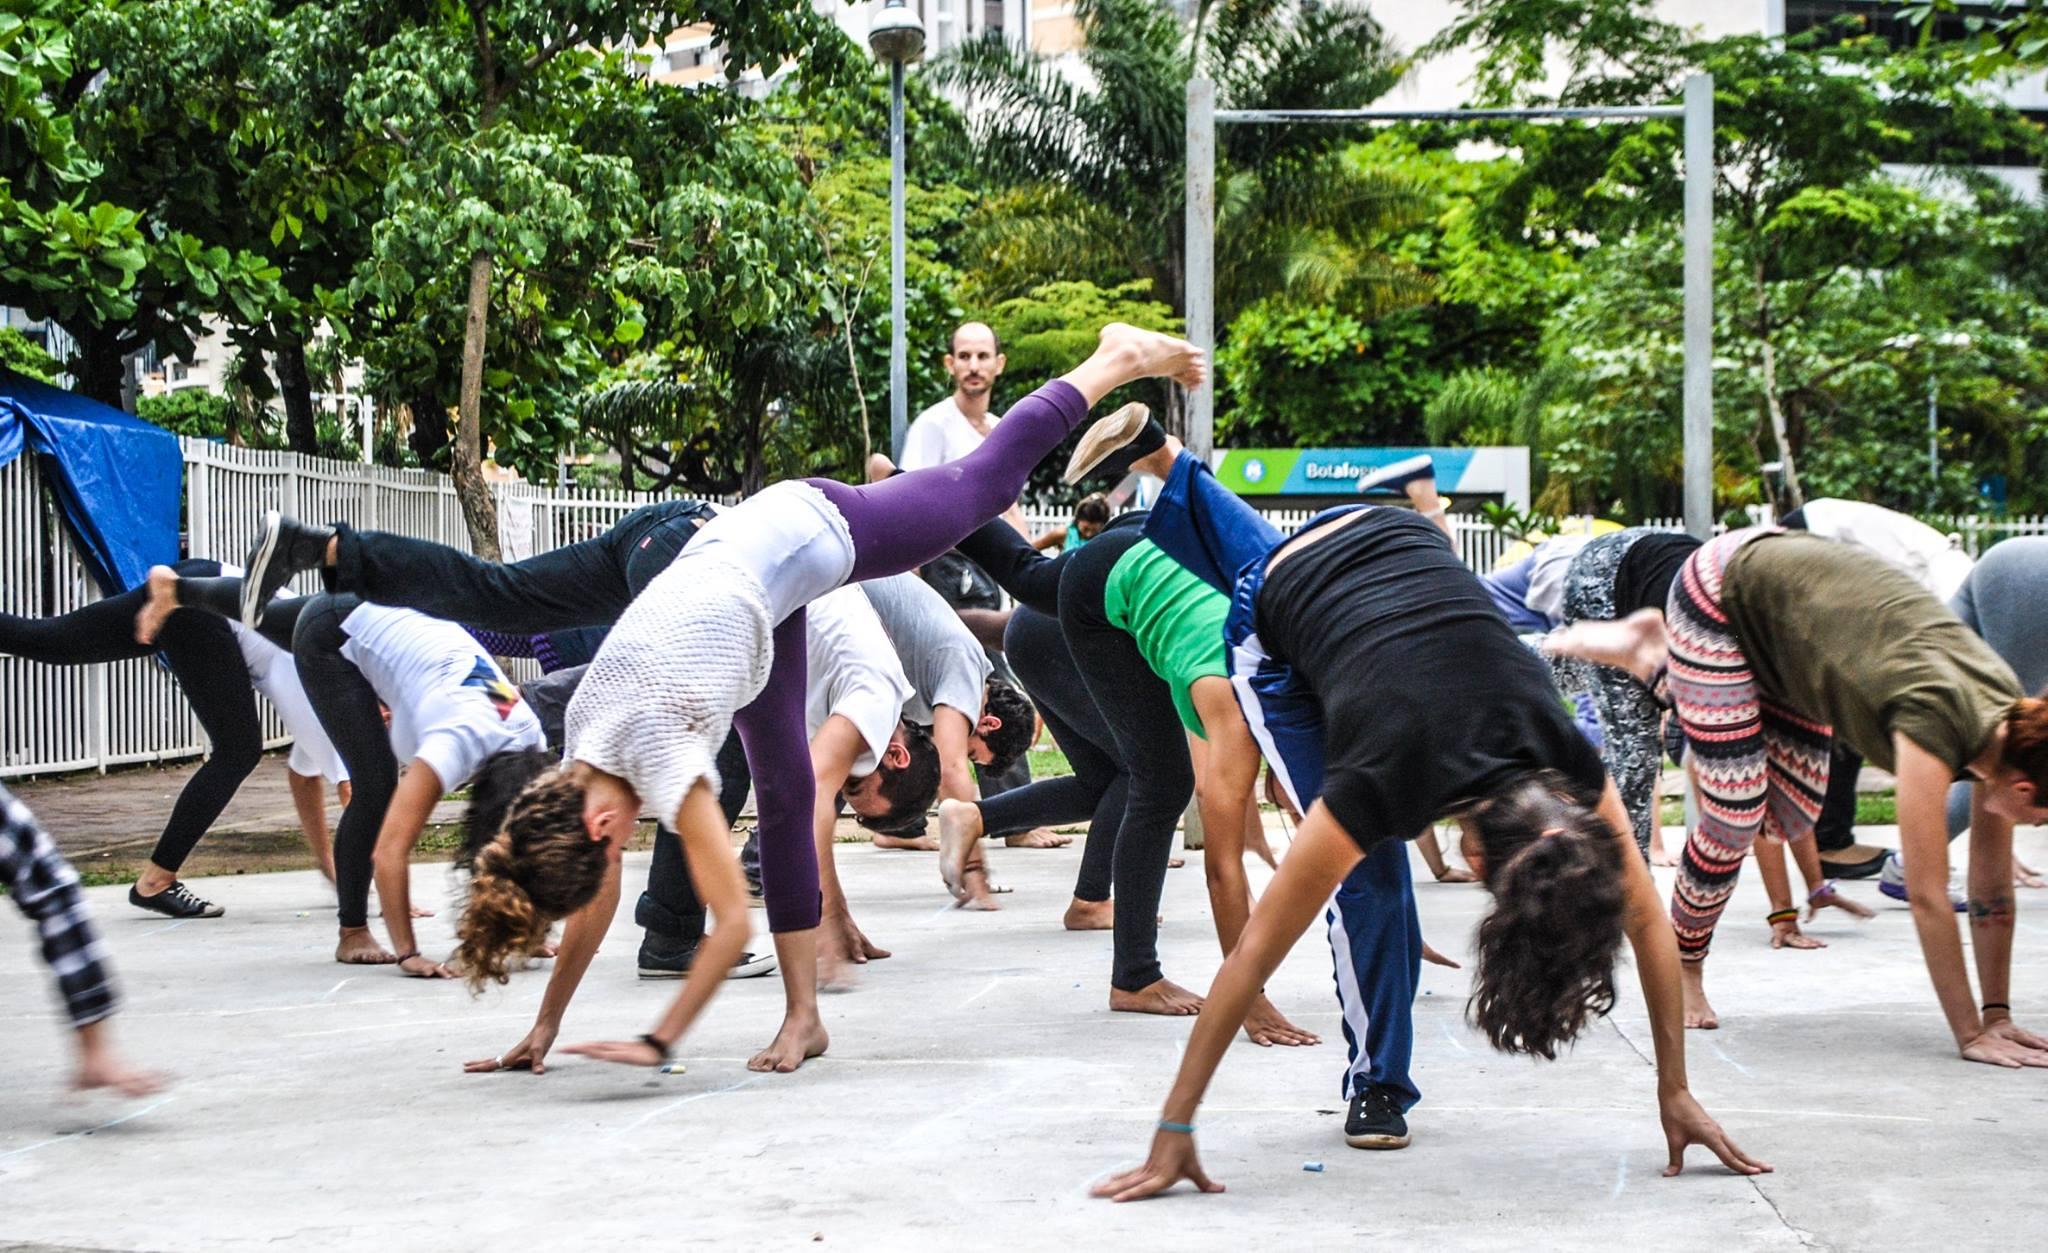 Aula de Capoeira no Metro Botafogo Praça Nelson Mandela